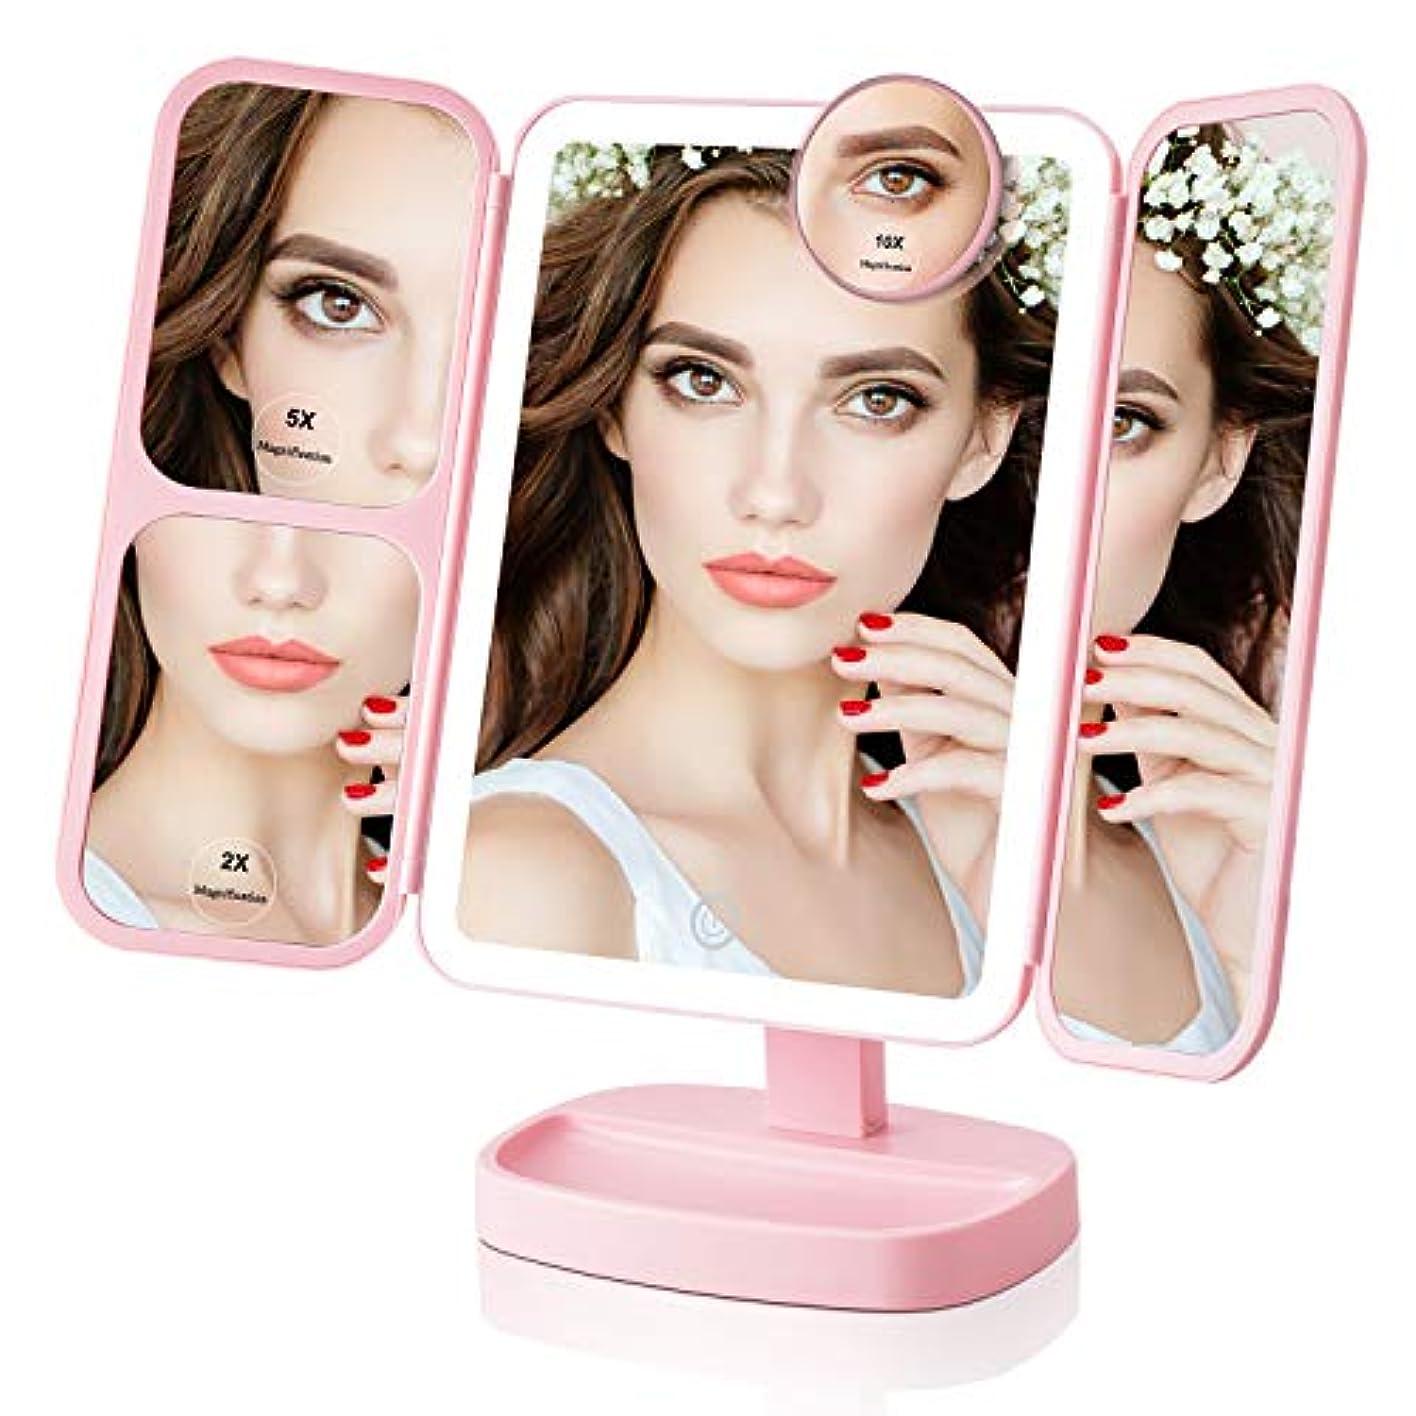 赤セントランクEasehold 化粧鏡 三面鏡 化粧ミラー 卓上ミラー 鏡 led付き 折りたたみ 2&5&10倍拡大鏡付き 明るさ調節可能 180°回転 プレゼント 電池またはUSB給電(ピンク)